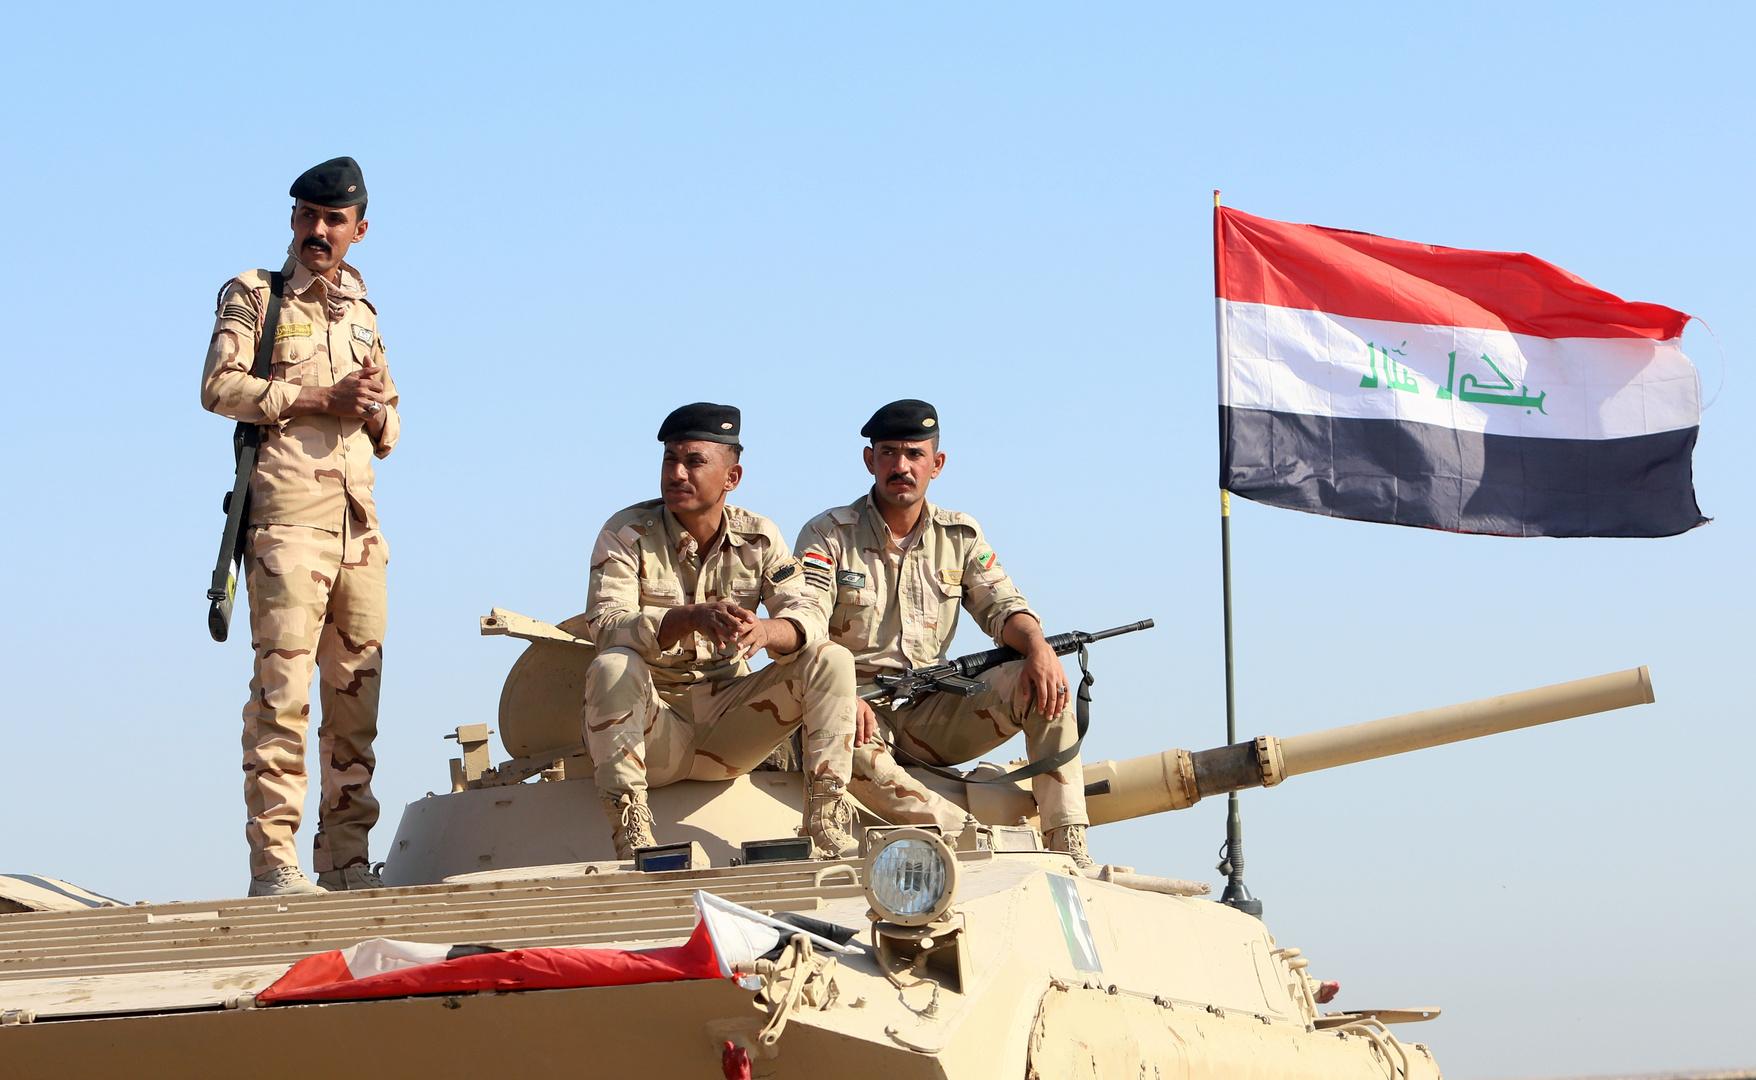 العراق.. الاستخبارات العسكرية تعلن اعتقال